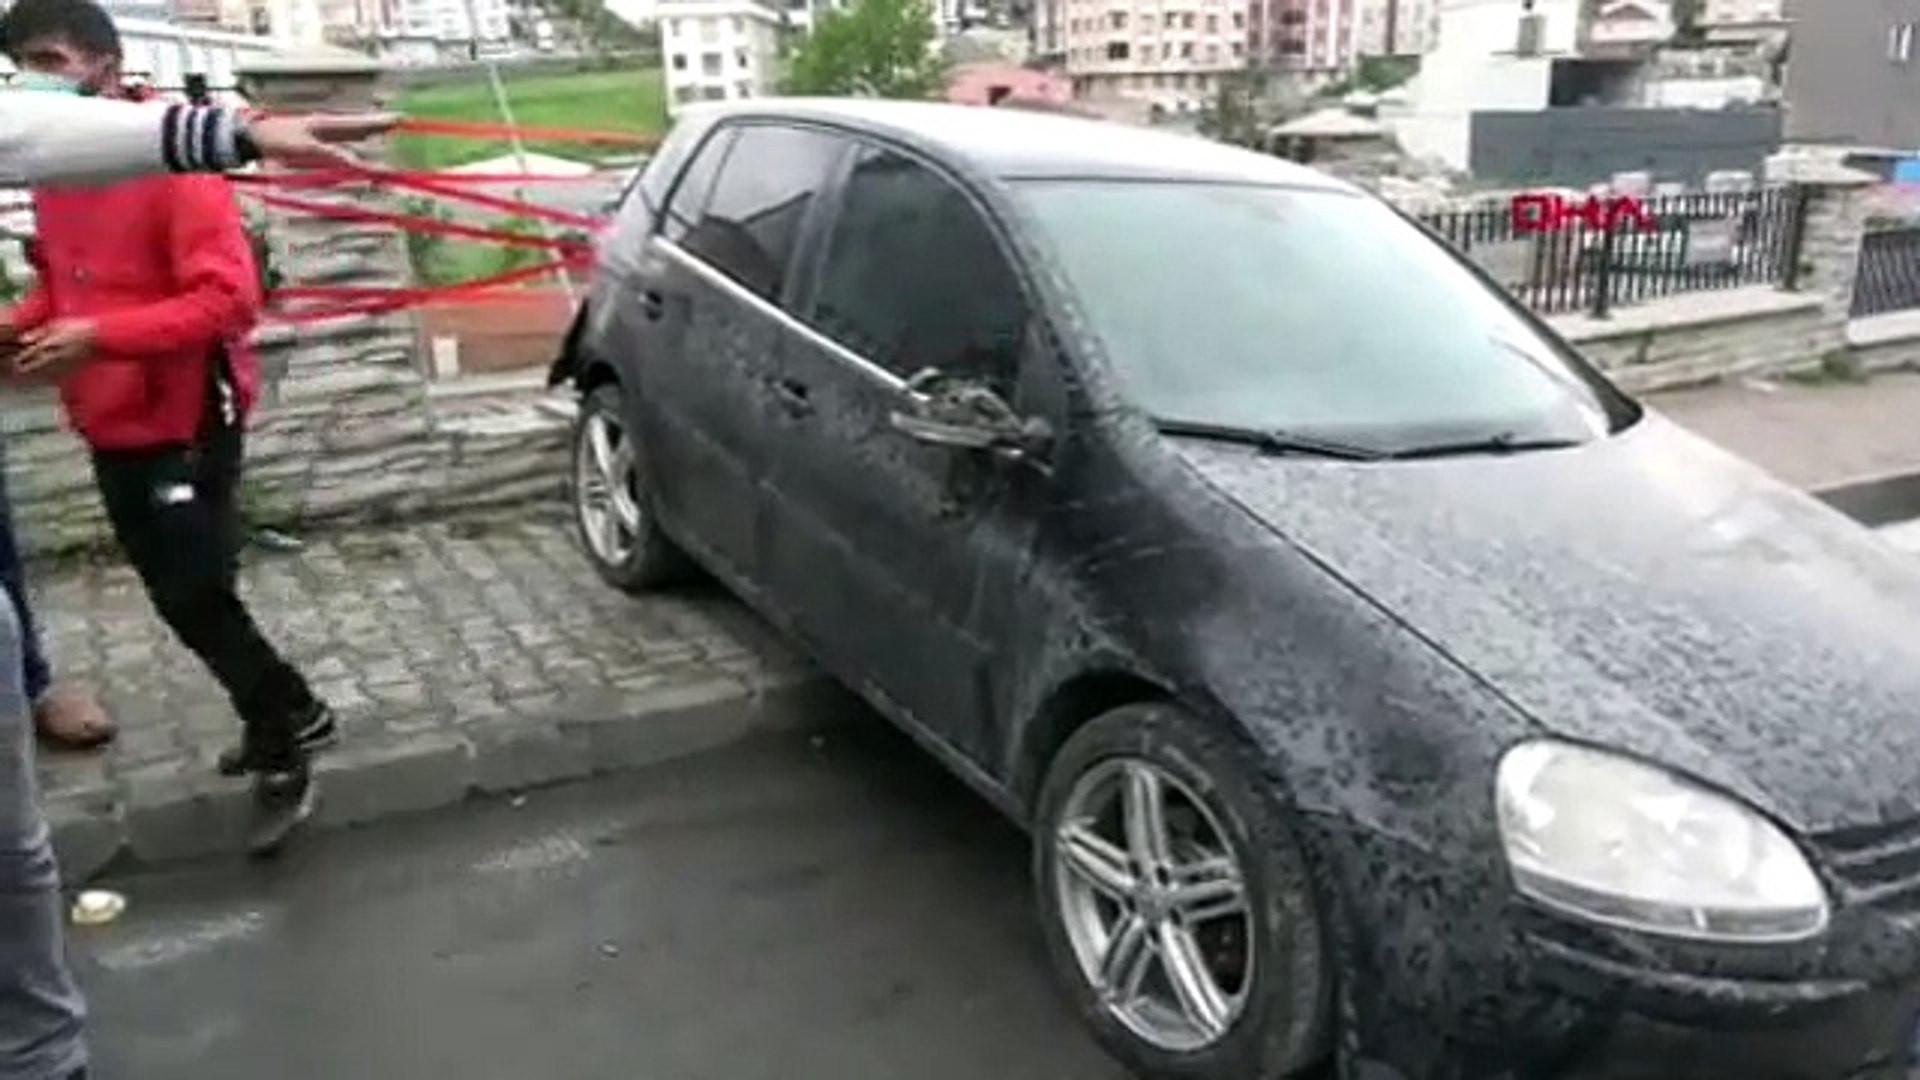 Otomobil yokuş aşağı kaydı, facianın eşiğinden dönüldü!